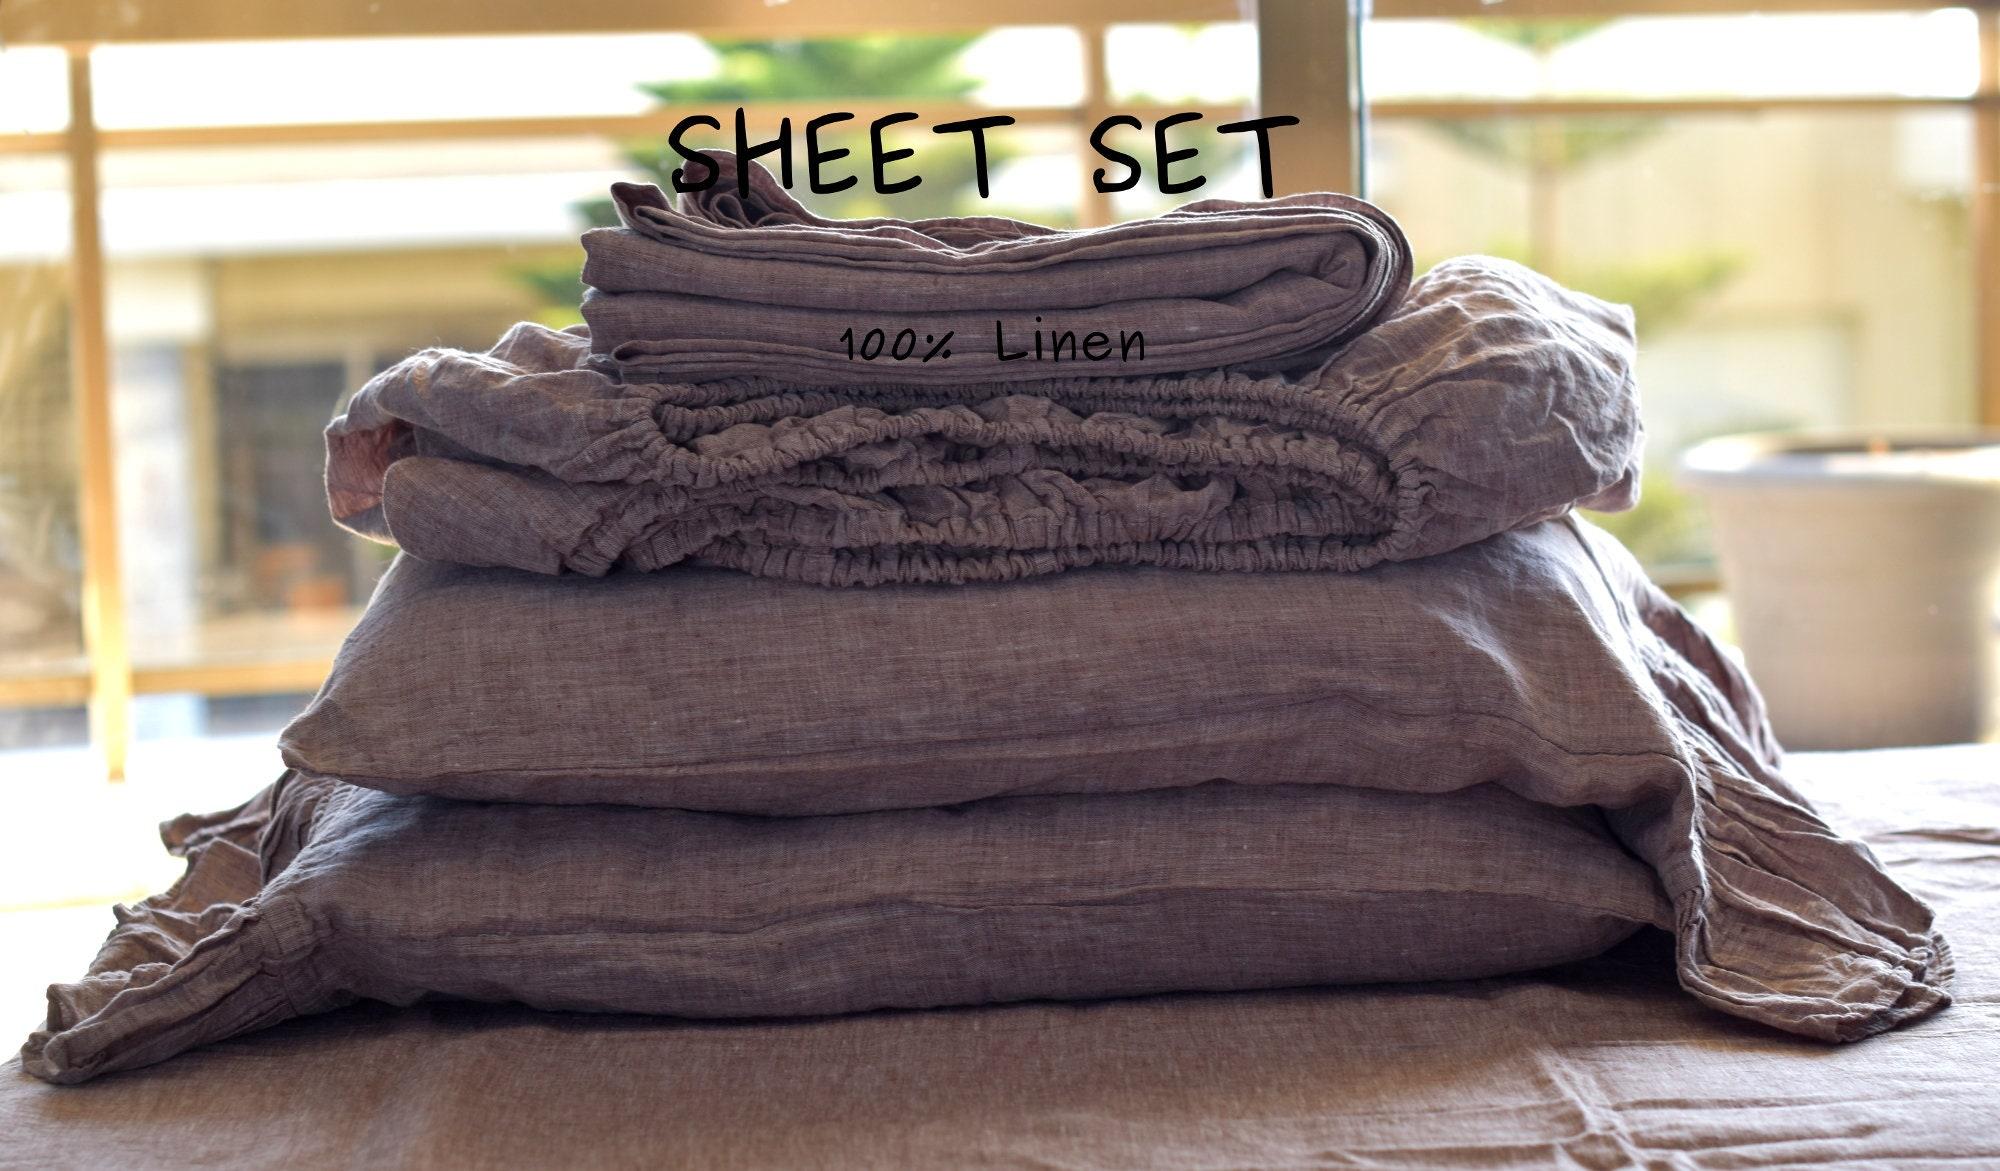 Linen SHEET SET / linen sheet set / bedding set queen king 100% linen / linen bedding sheet set/ linen shabby chic bedding / farmhouse